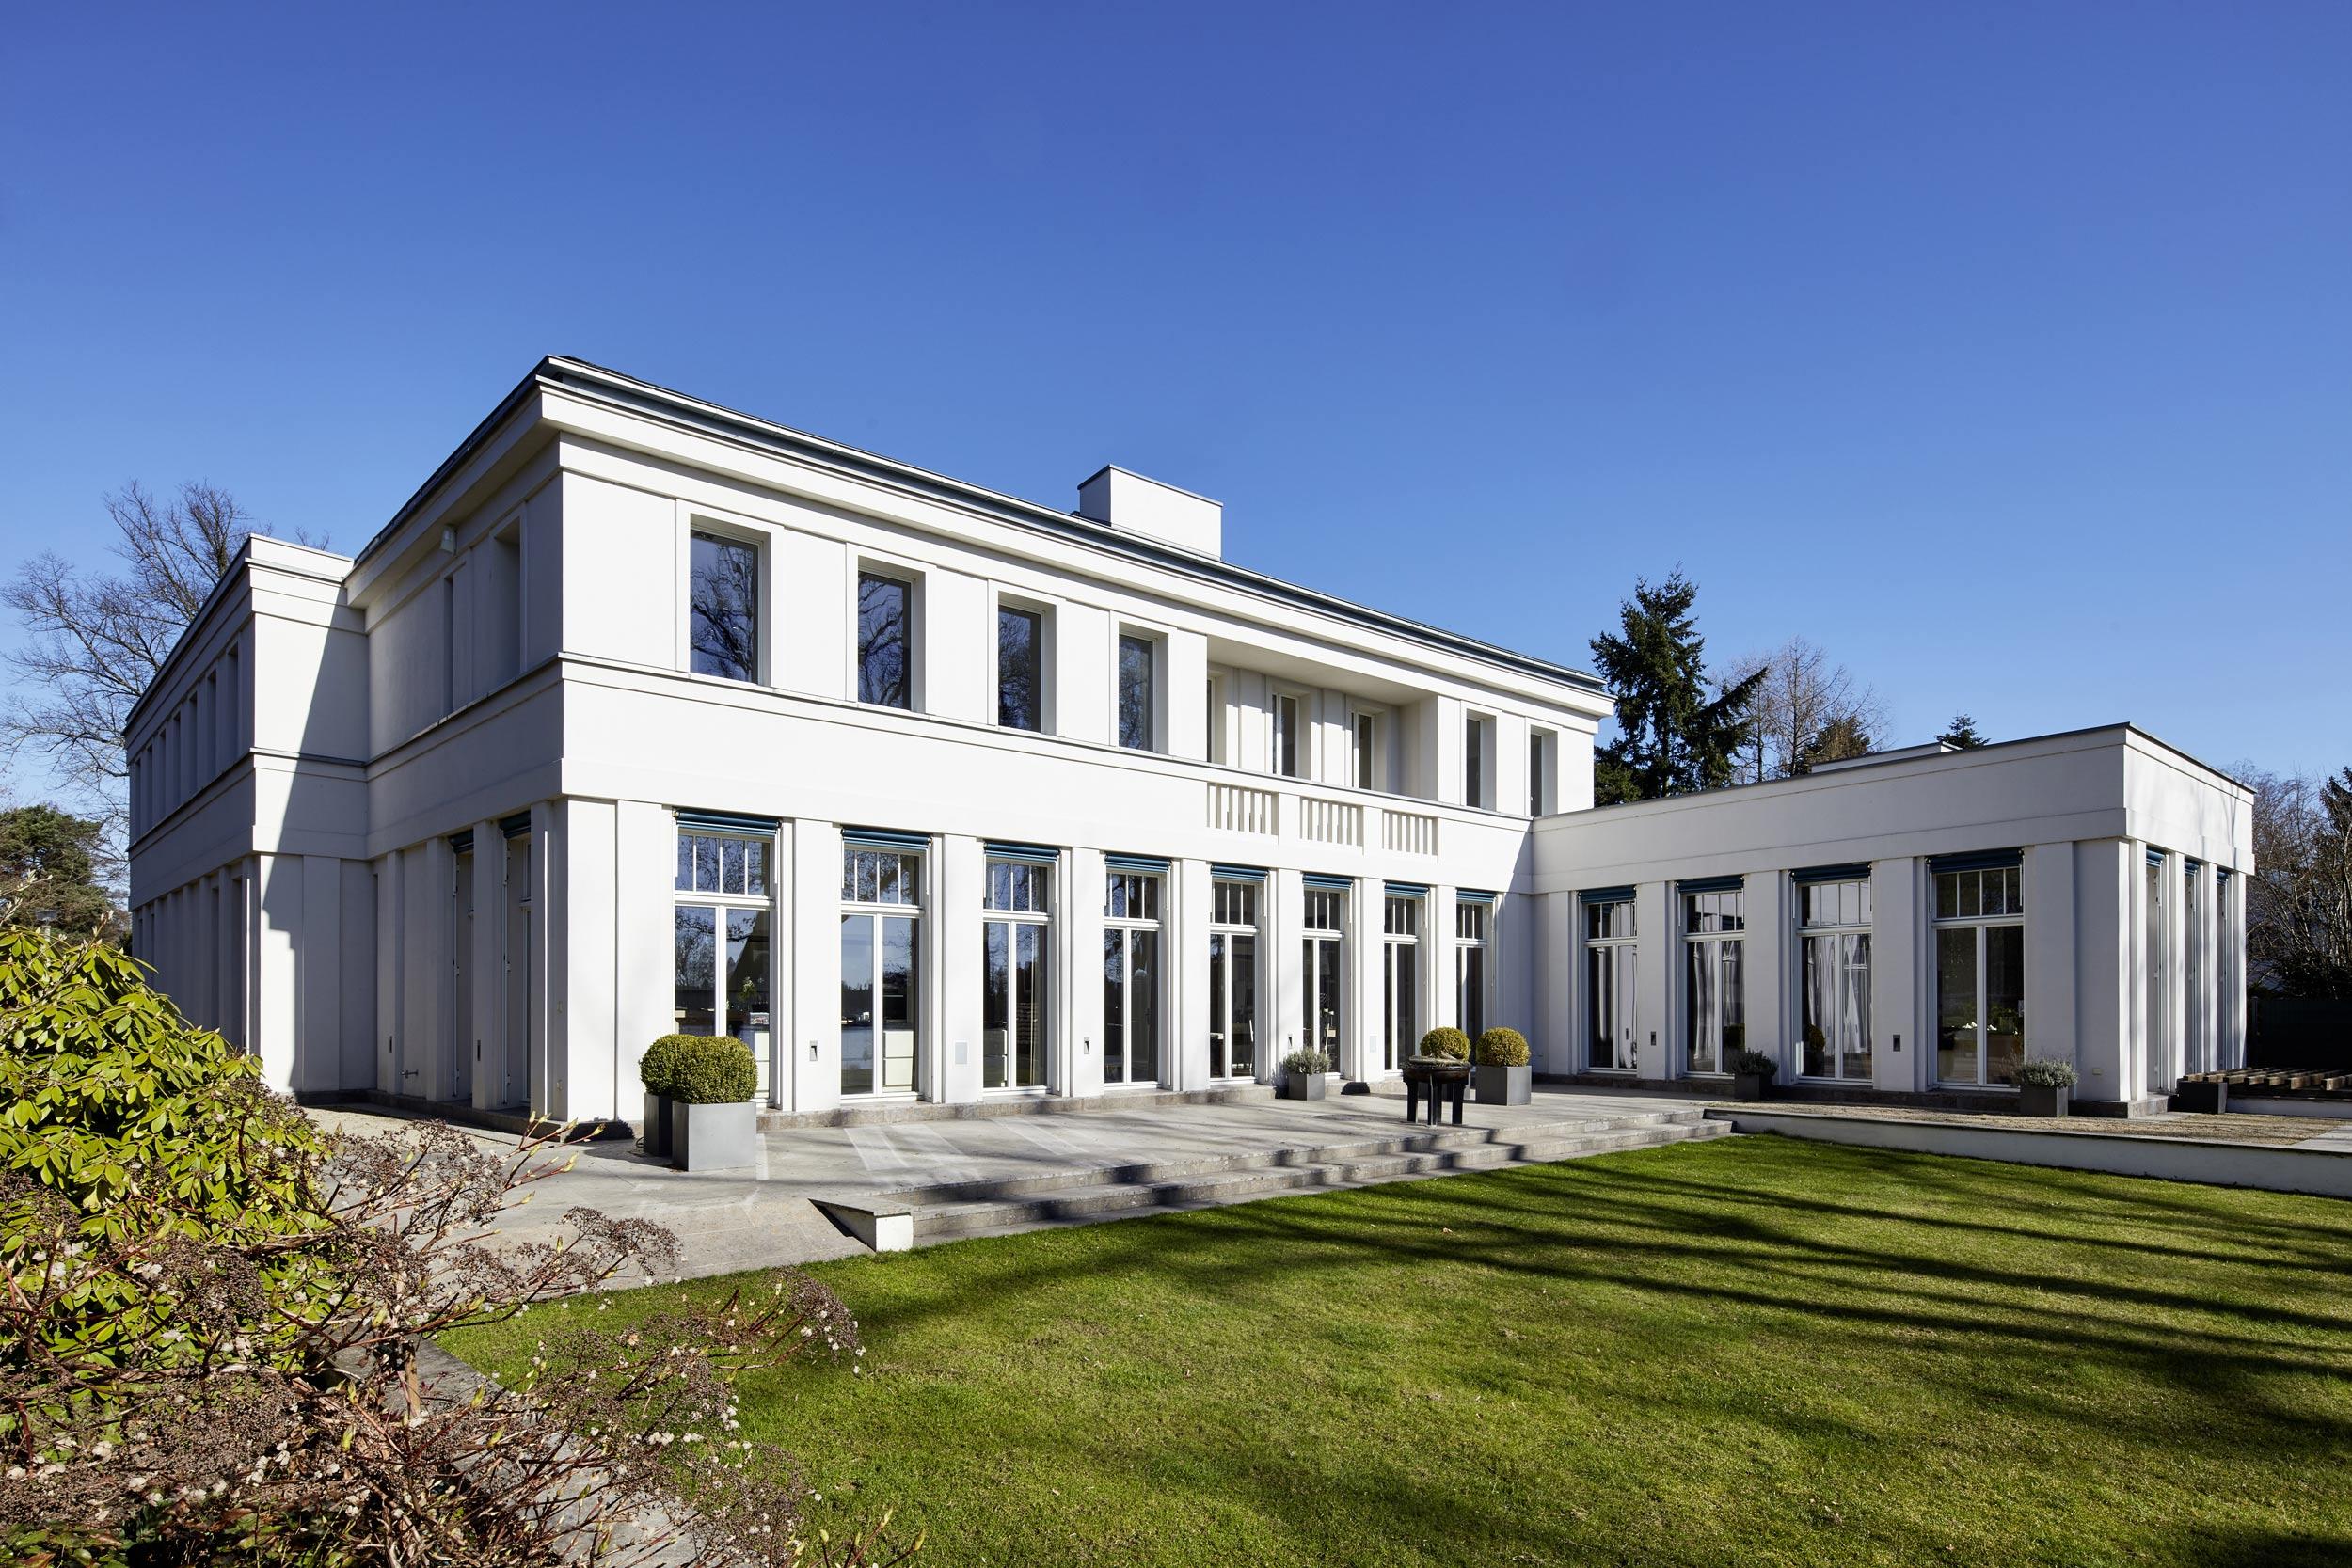 Neubau einer Villa in klassisch-traditioneller Architektursprache am See - Zur Seeterrasse im Süden hin sind Küche, Wohn- und Essbereich vollverglast.